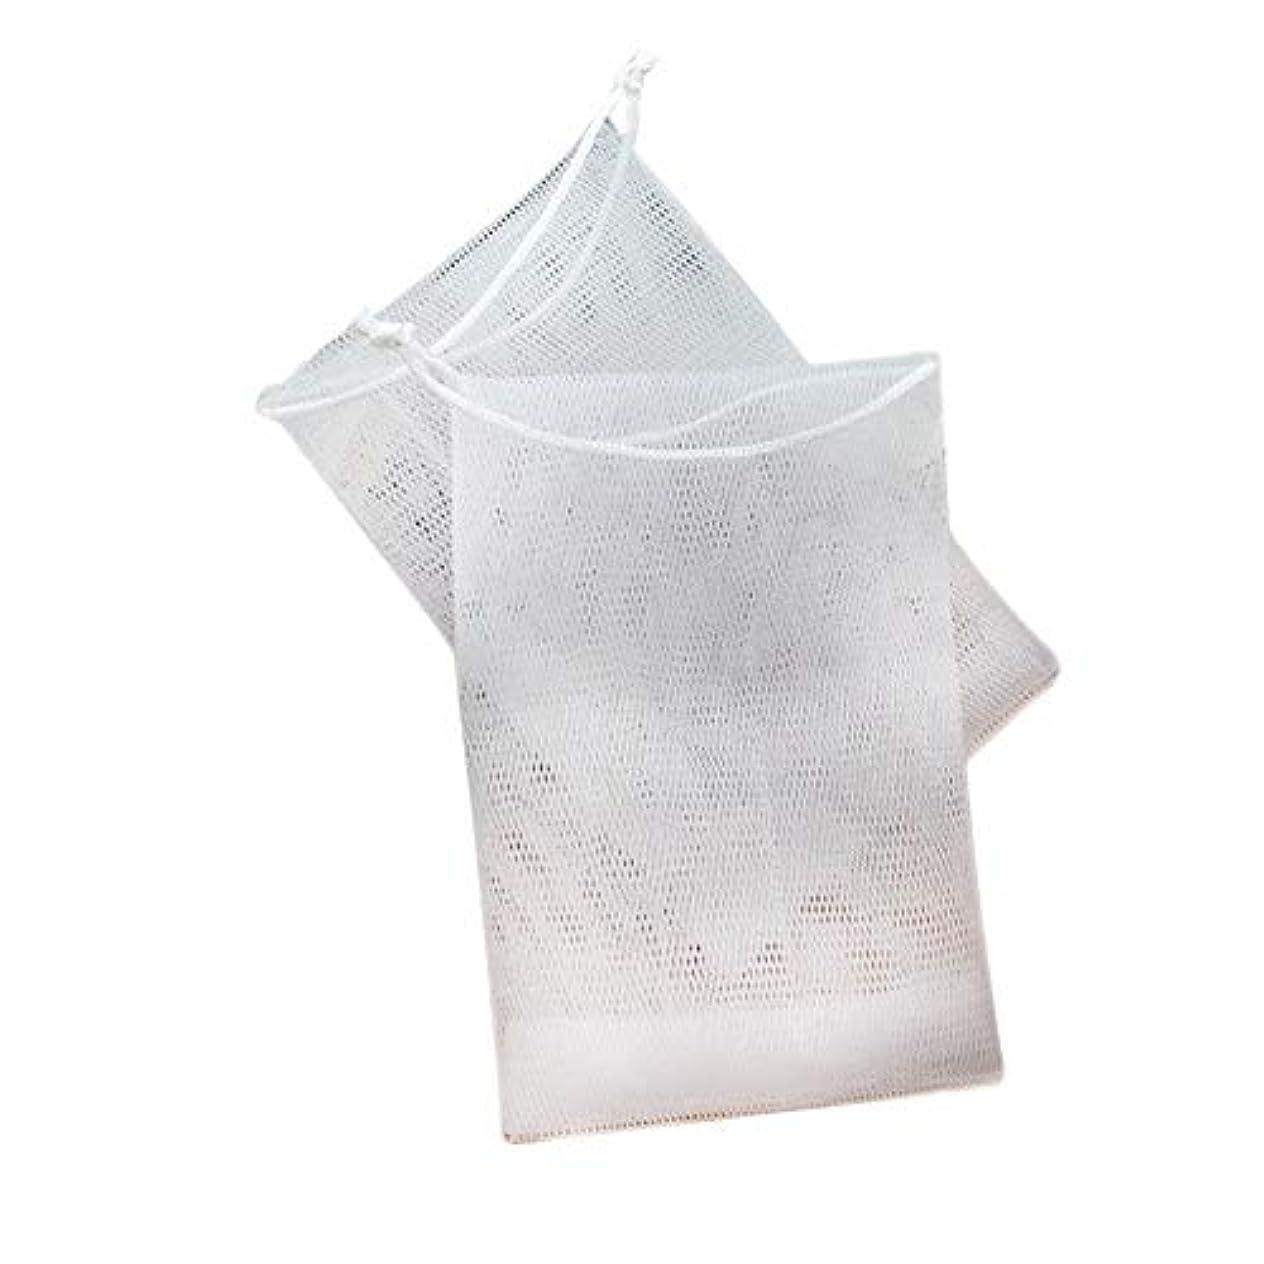 電池場合イノセンス石鹸の袋の網のドローストリング袋は ハンドメイドの石鹸の泡泡ネットメーカーのために掛けることができます 12×9cm